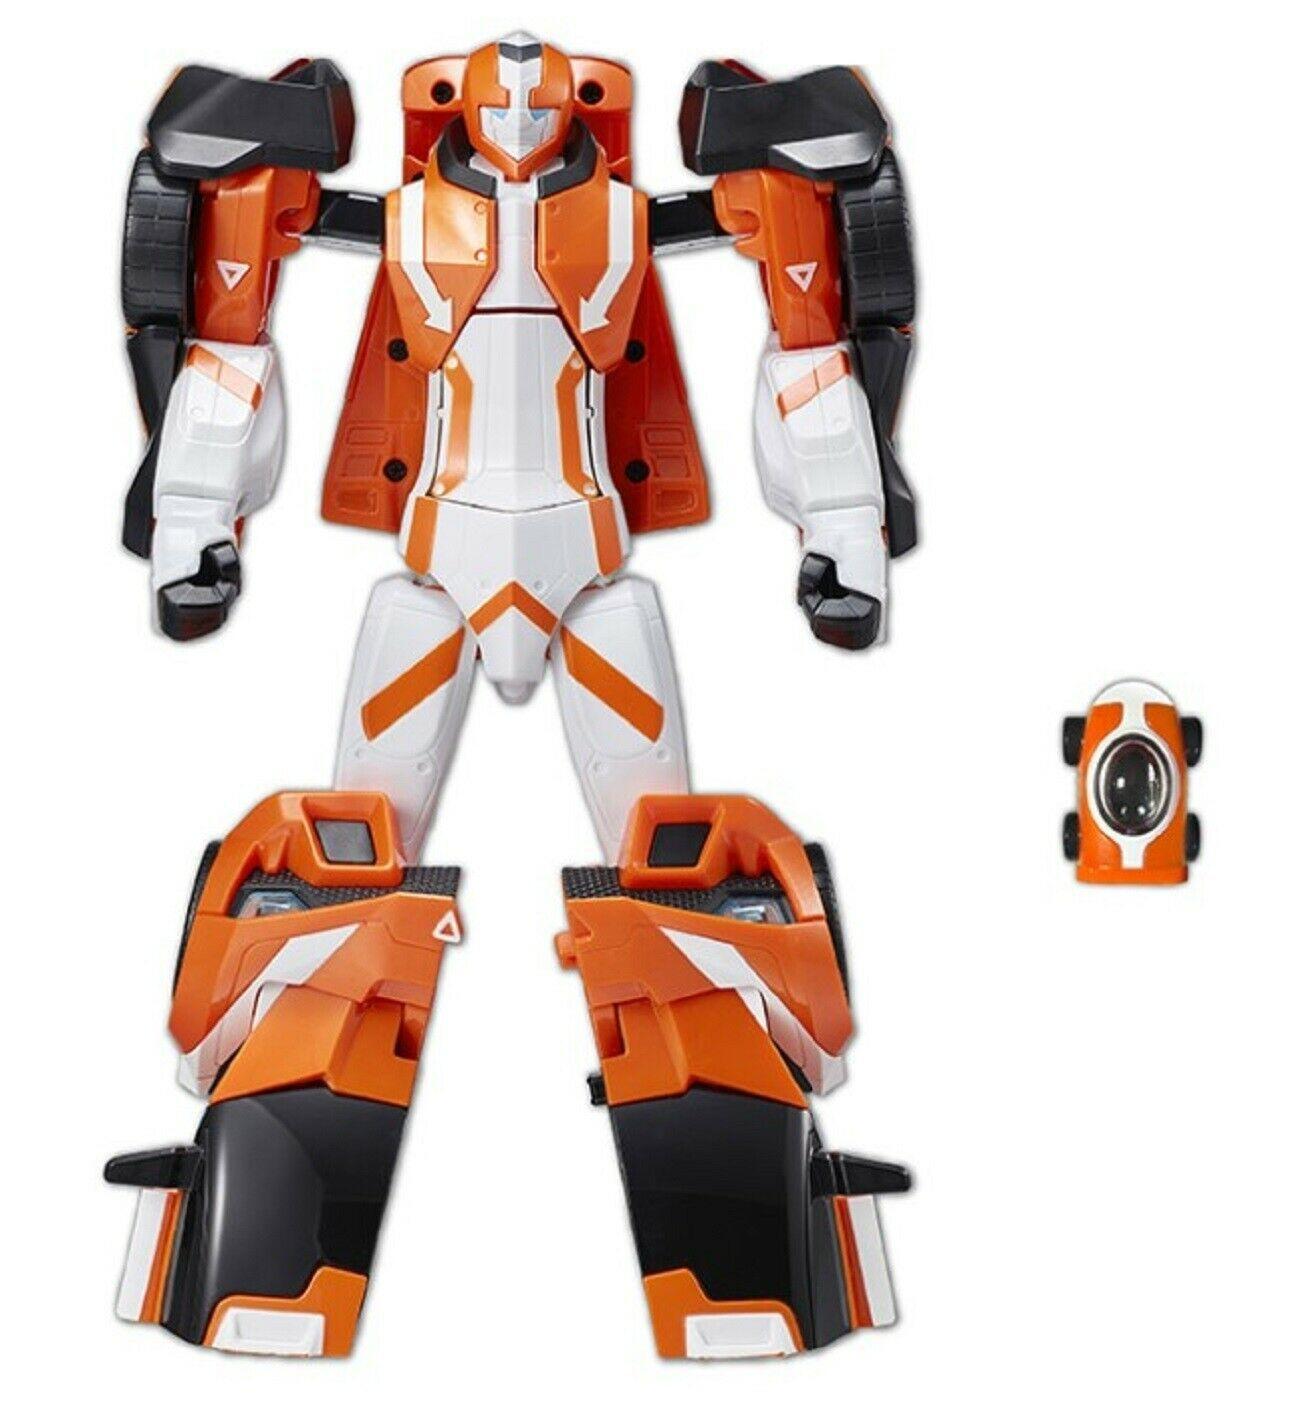 Tobot V Alpha Plus Transformation Action Figure Toy